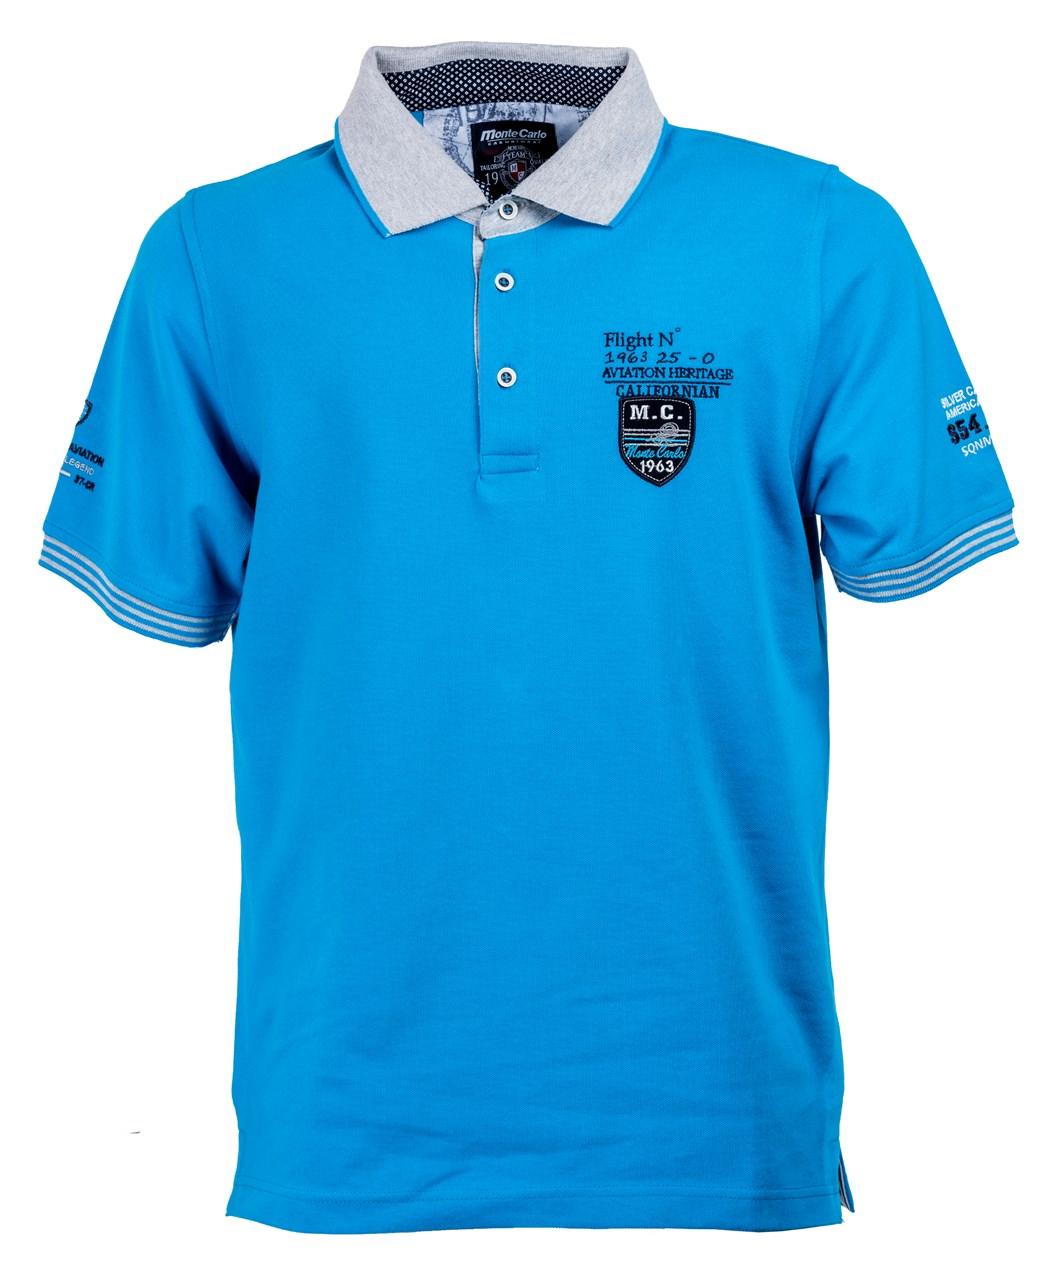 8c5fac3a58c Obrázek E Polo triko   polokošile modrá Mode Monte Carlo ...